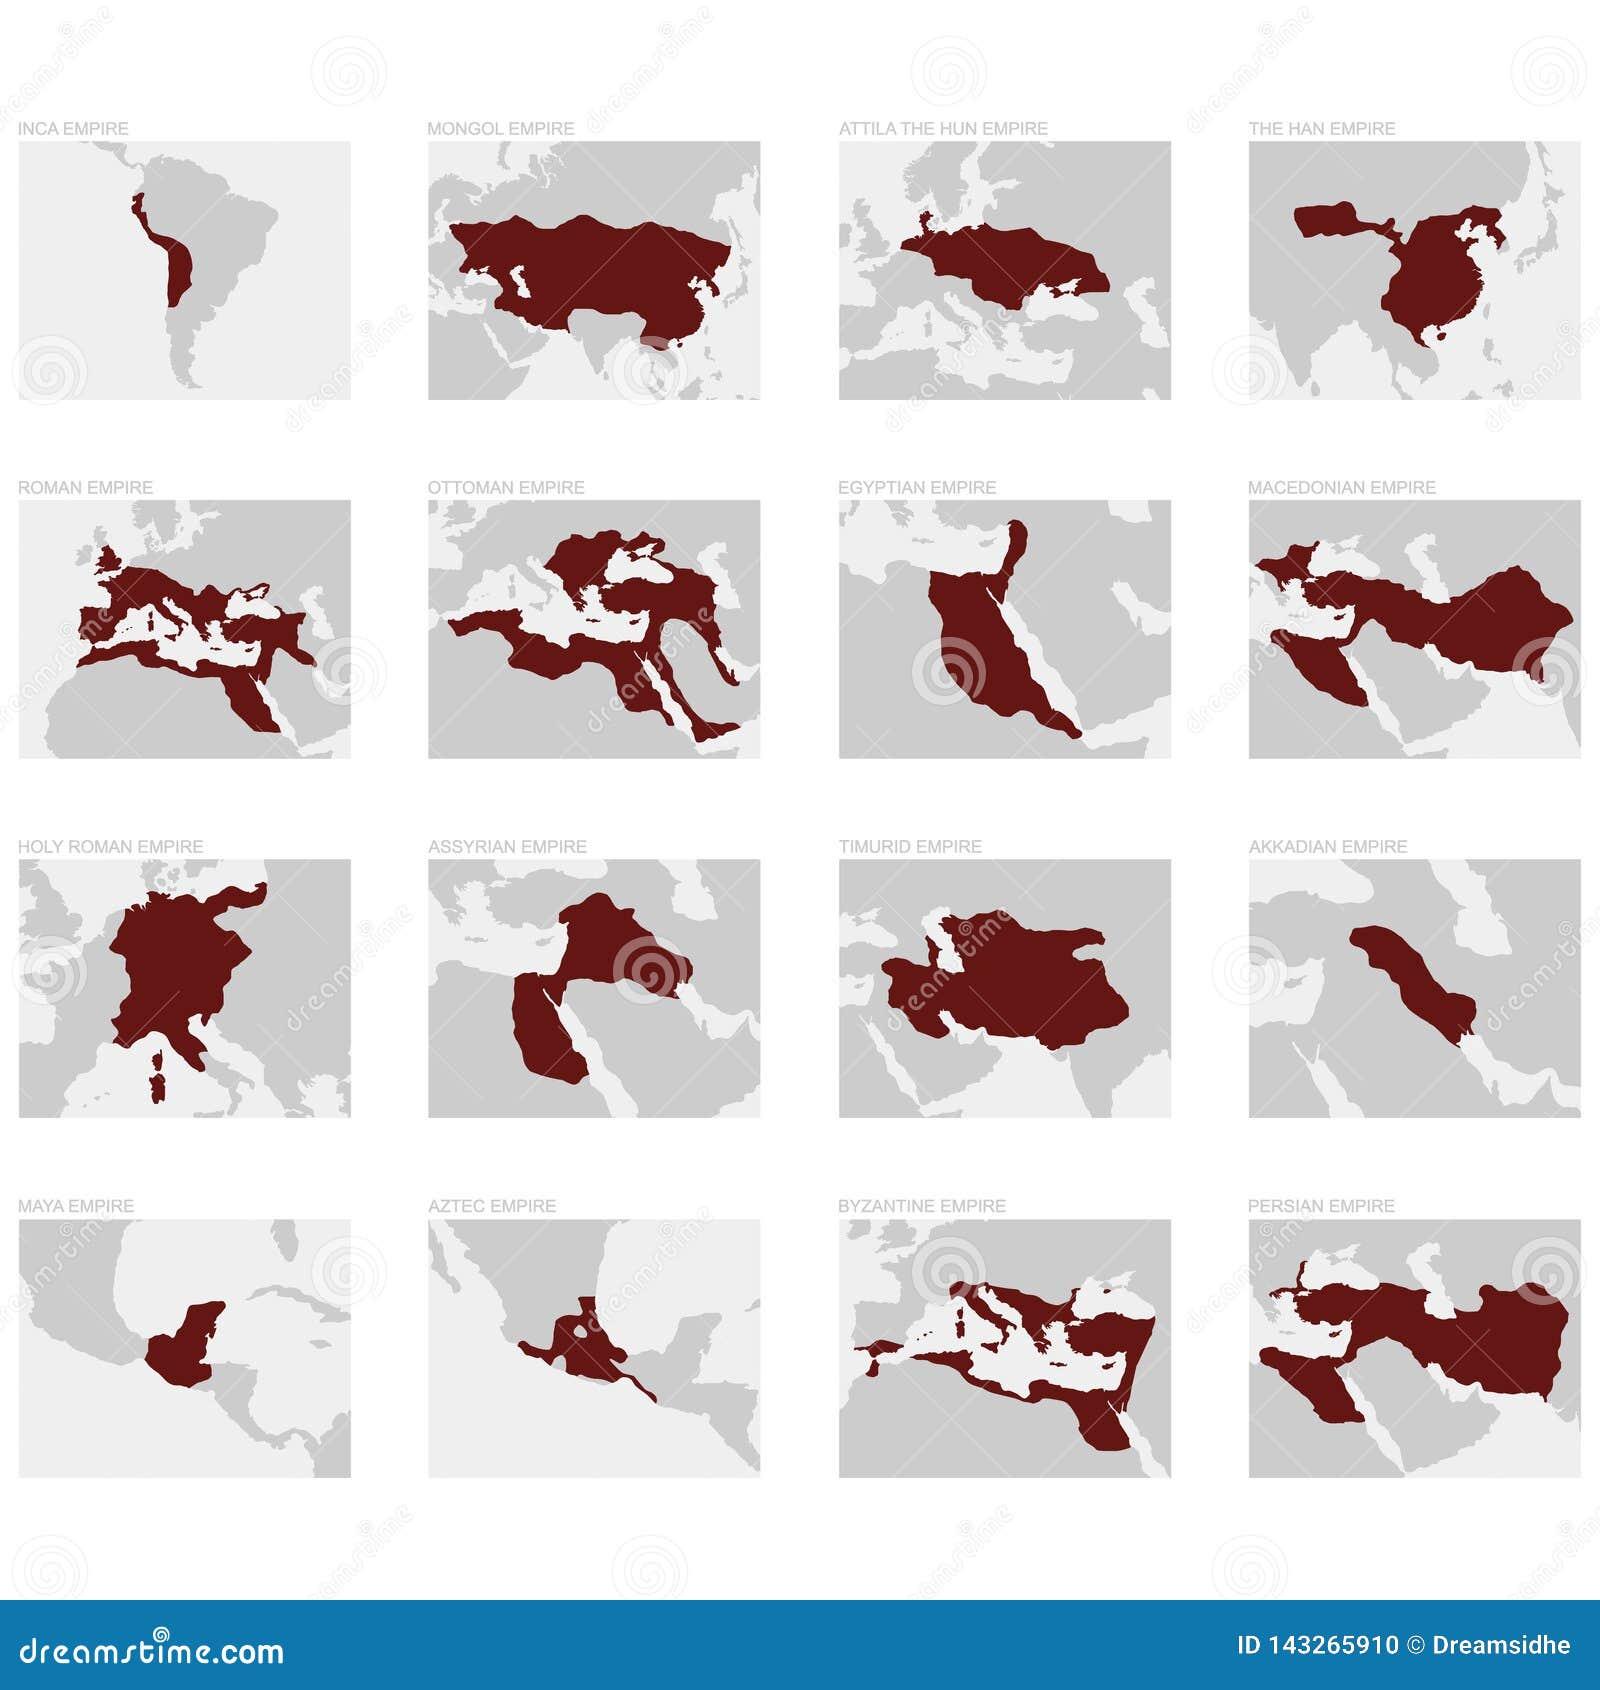 最伟大的世界帝国的地图